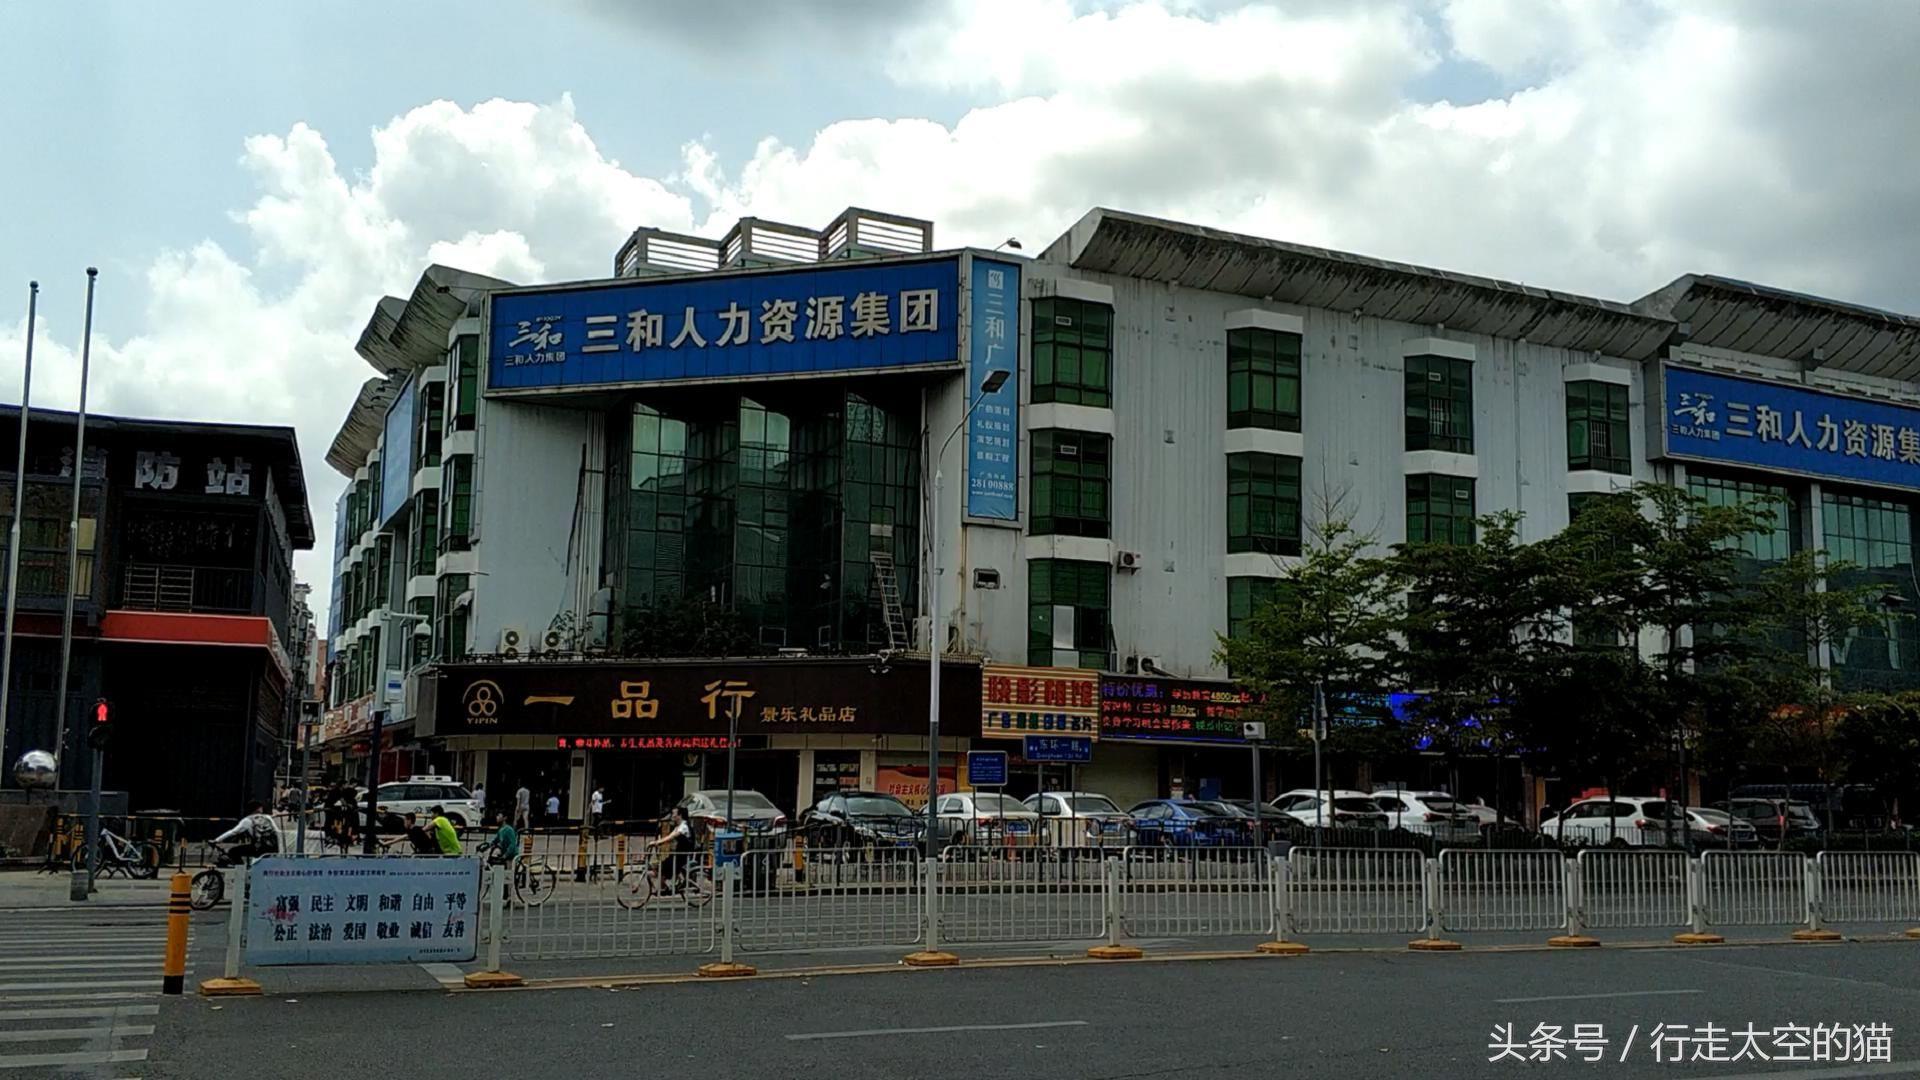 深圳龙华三和人才市场,三和大神,真的是逃离现